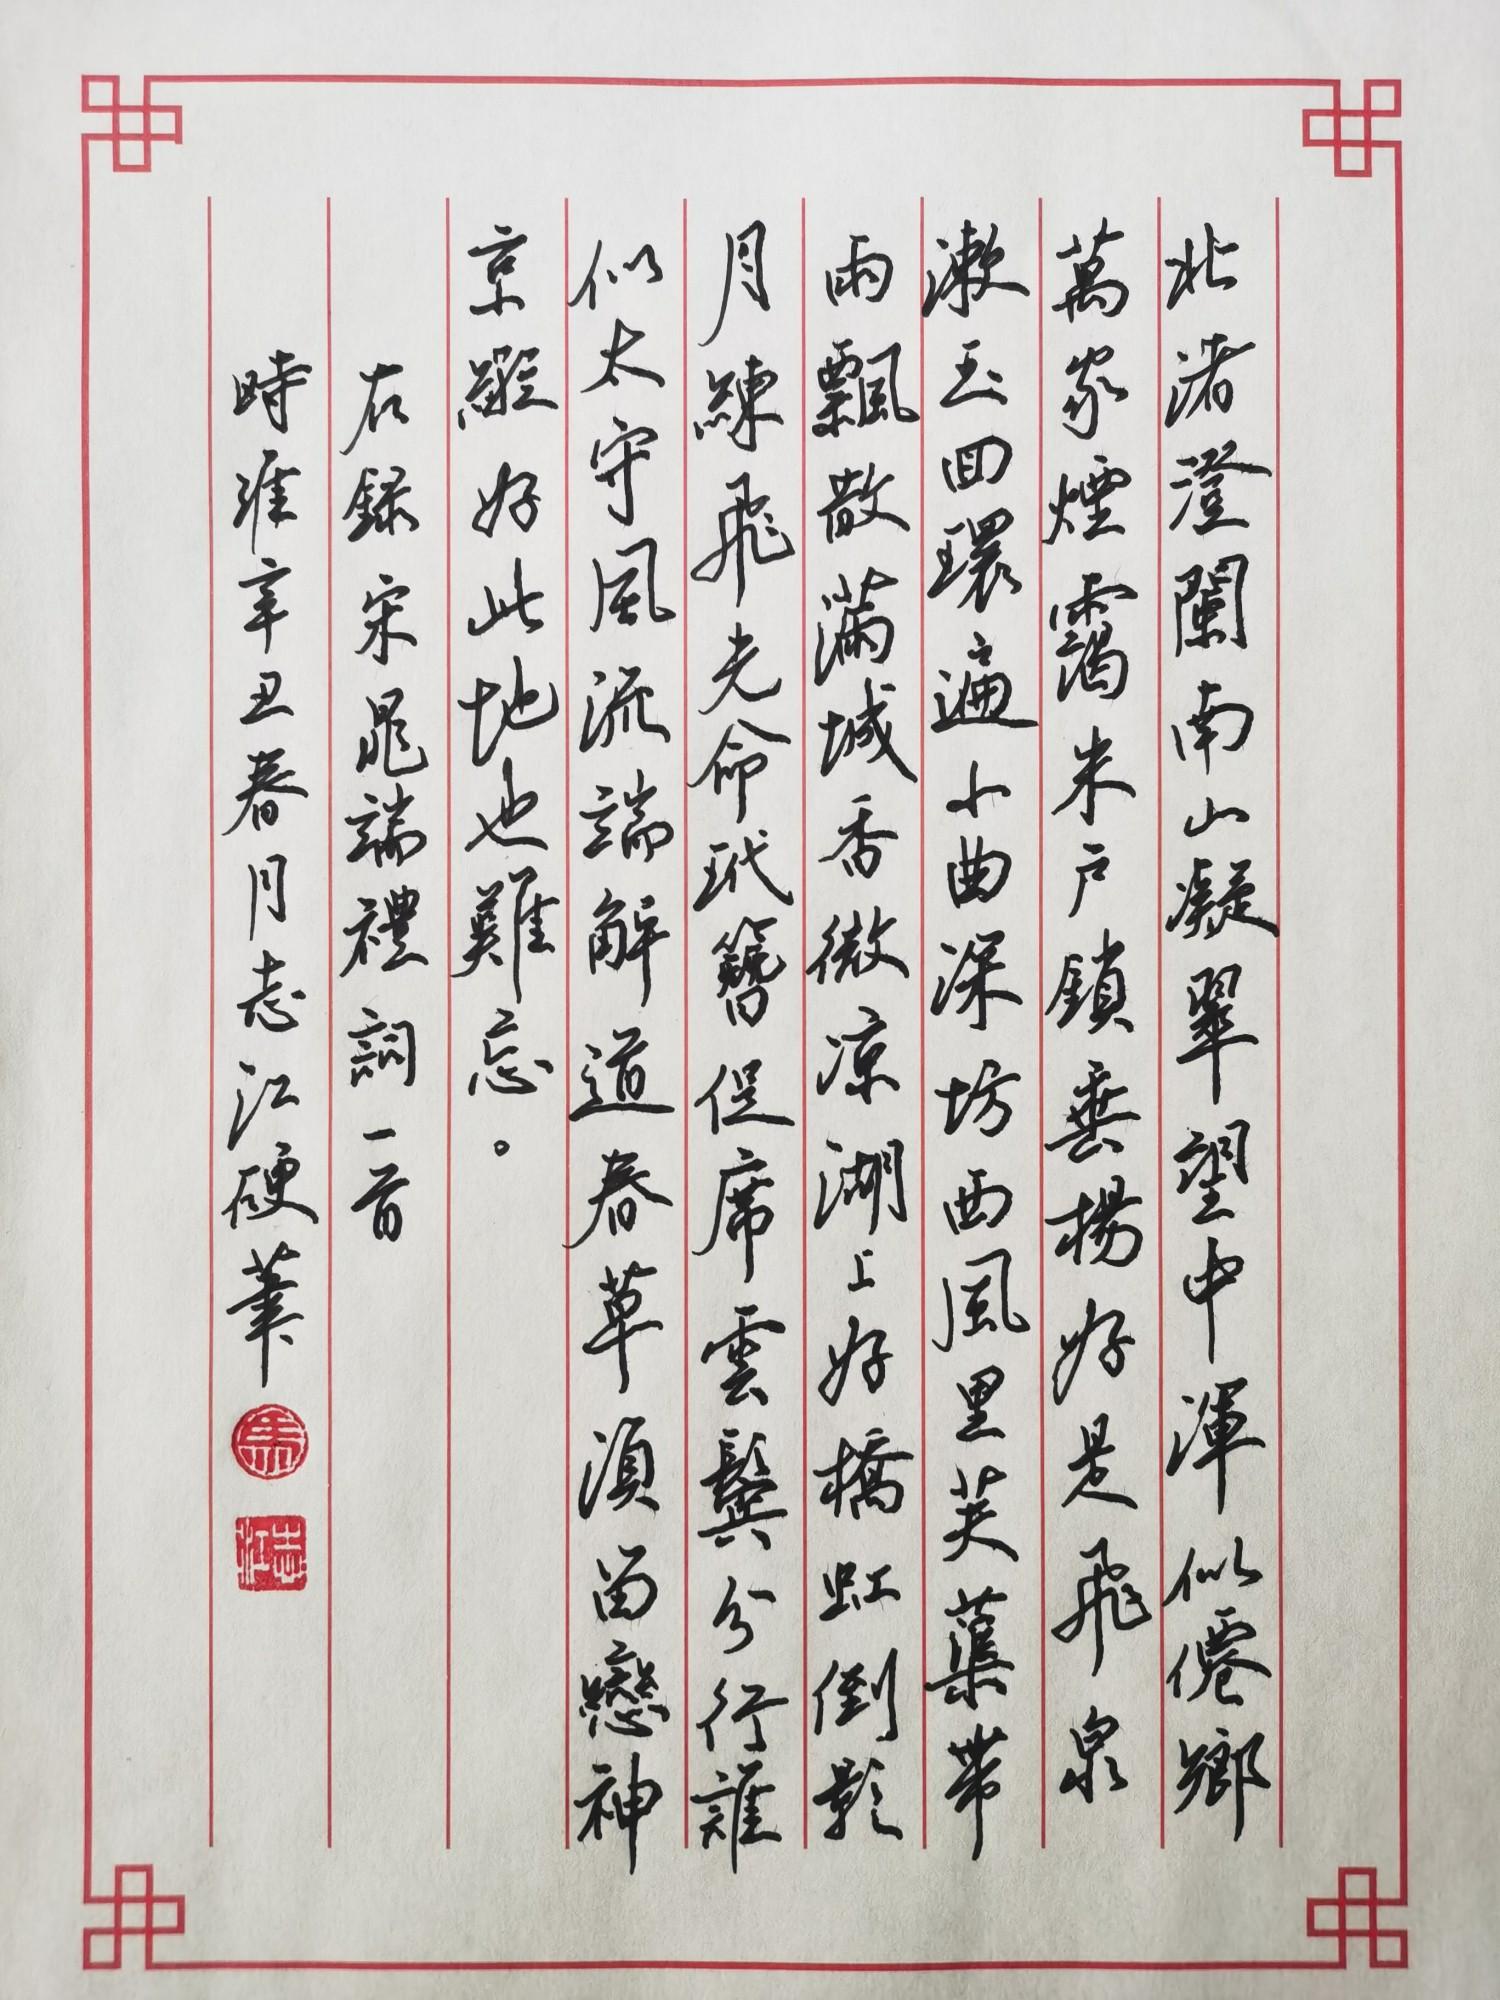 钢笔爱好者练字打卡20210330-11